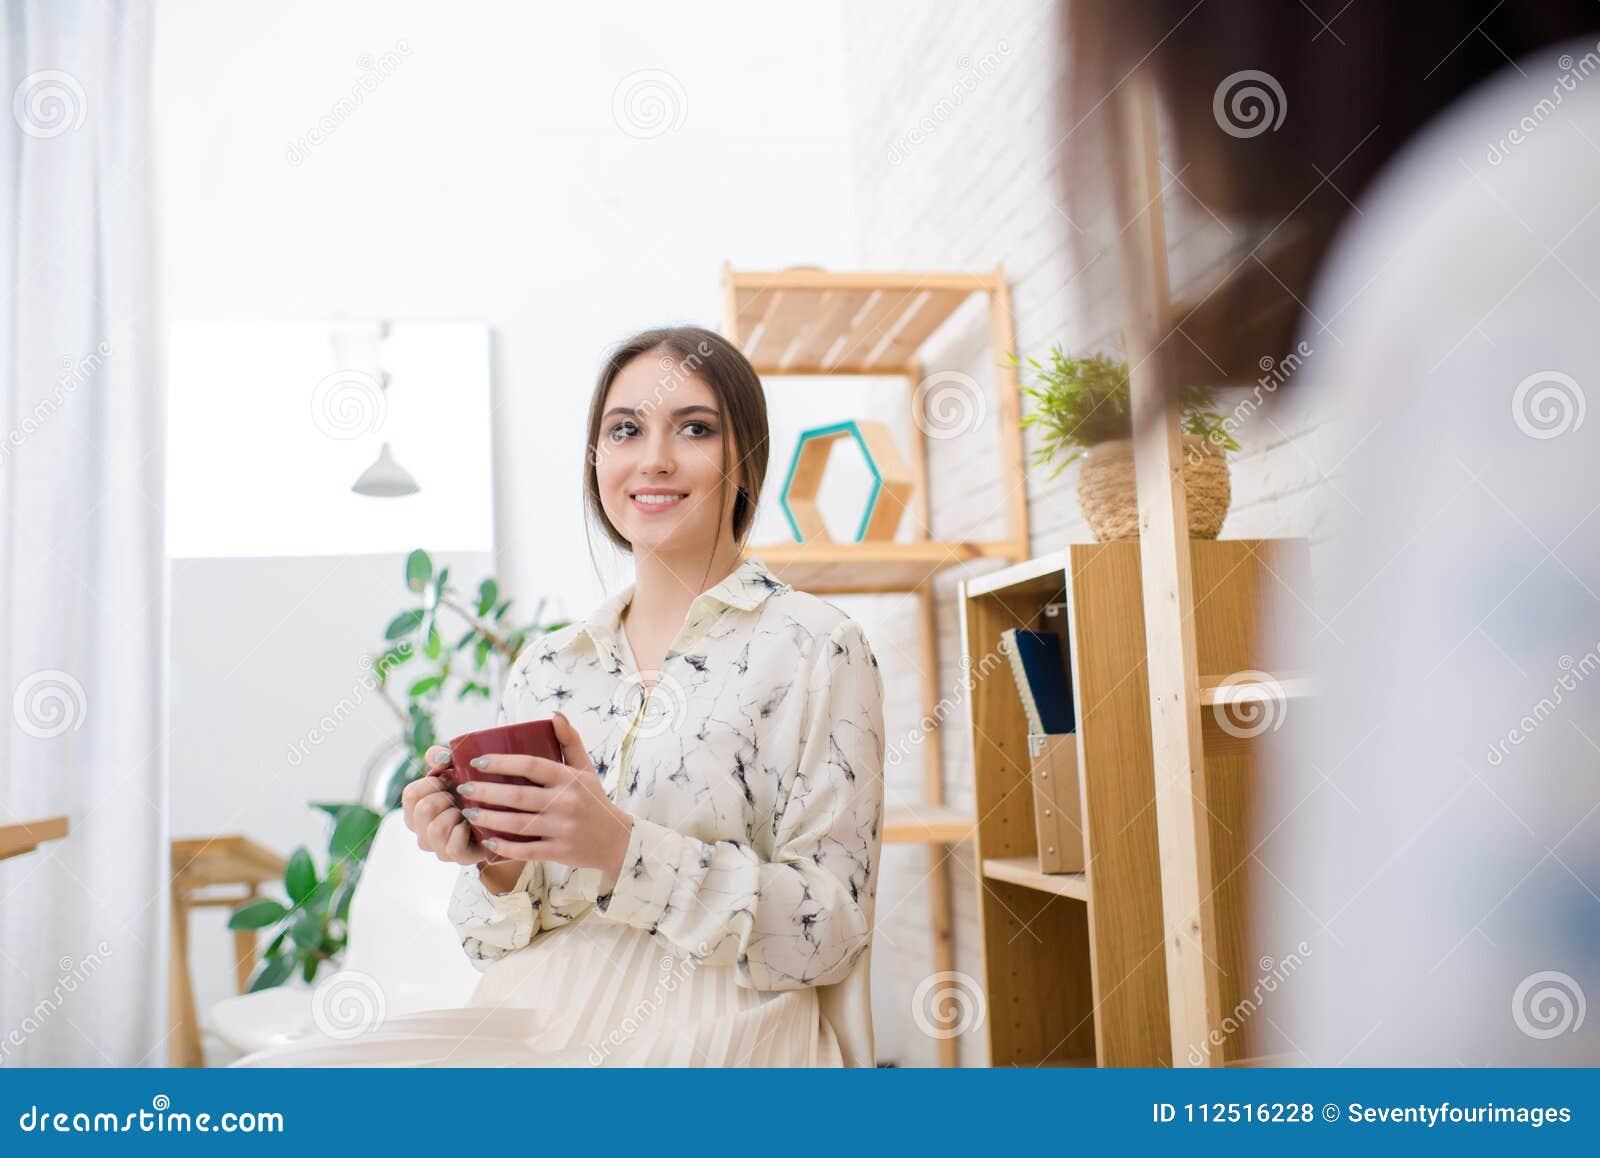 Take Break Coffeebreak : Taking coffee break stock photo image of pretty break